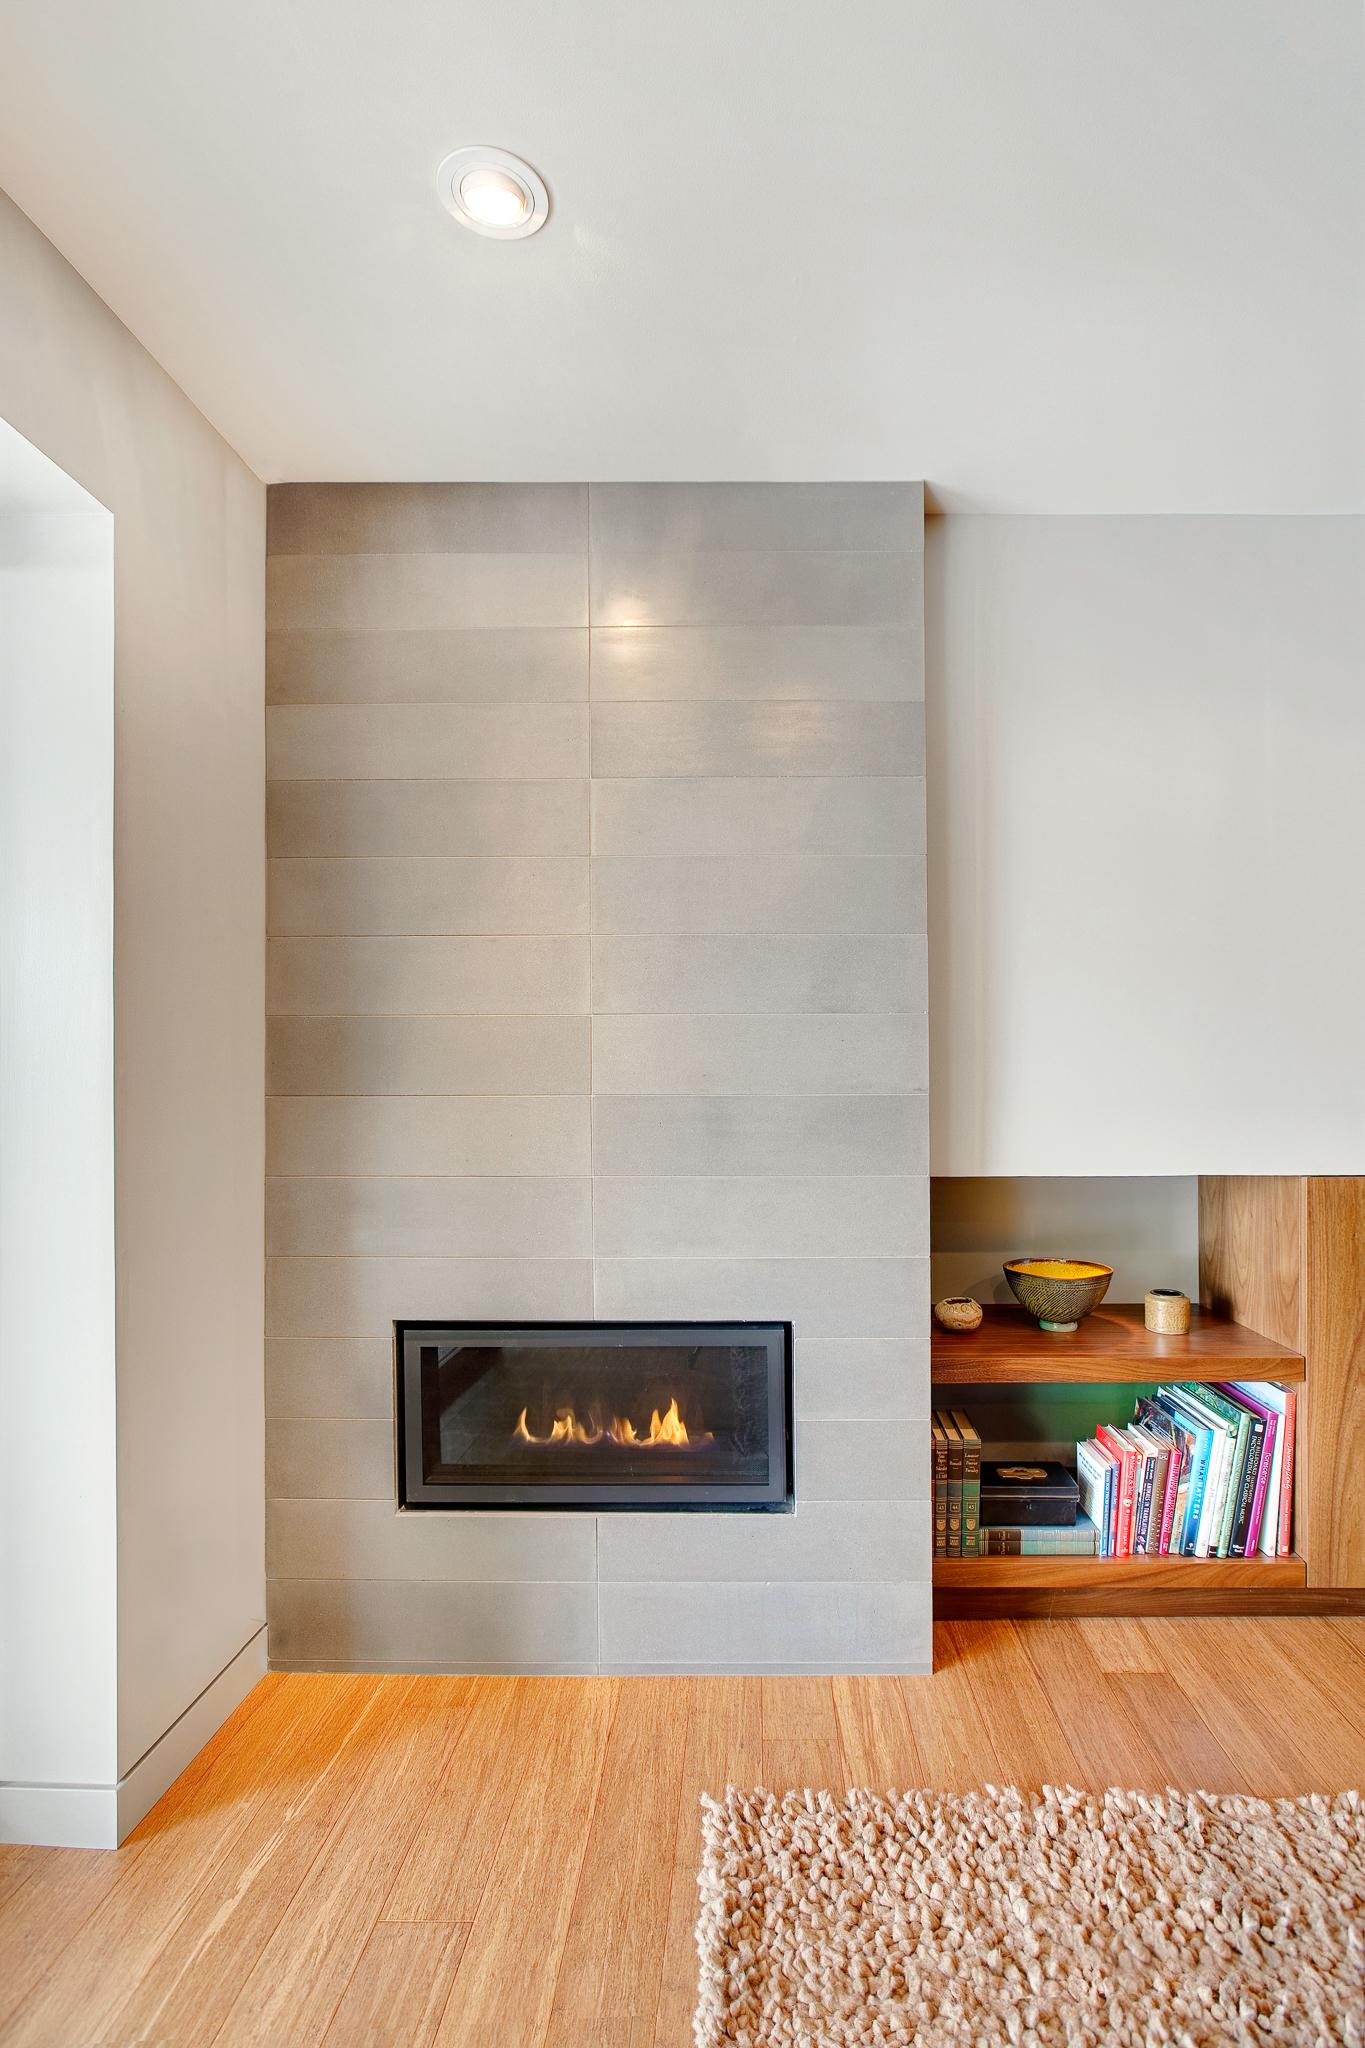 Den Fireplace_FOR WEB.jpg